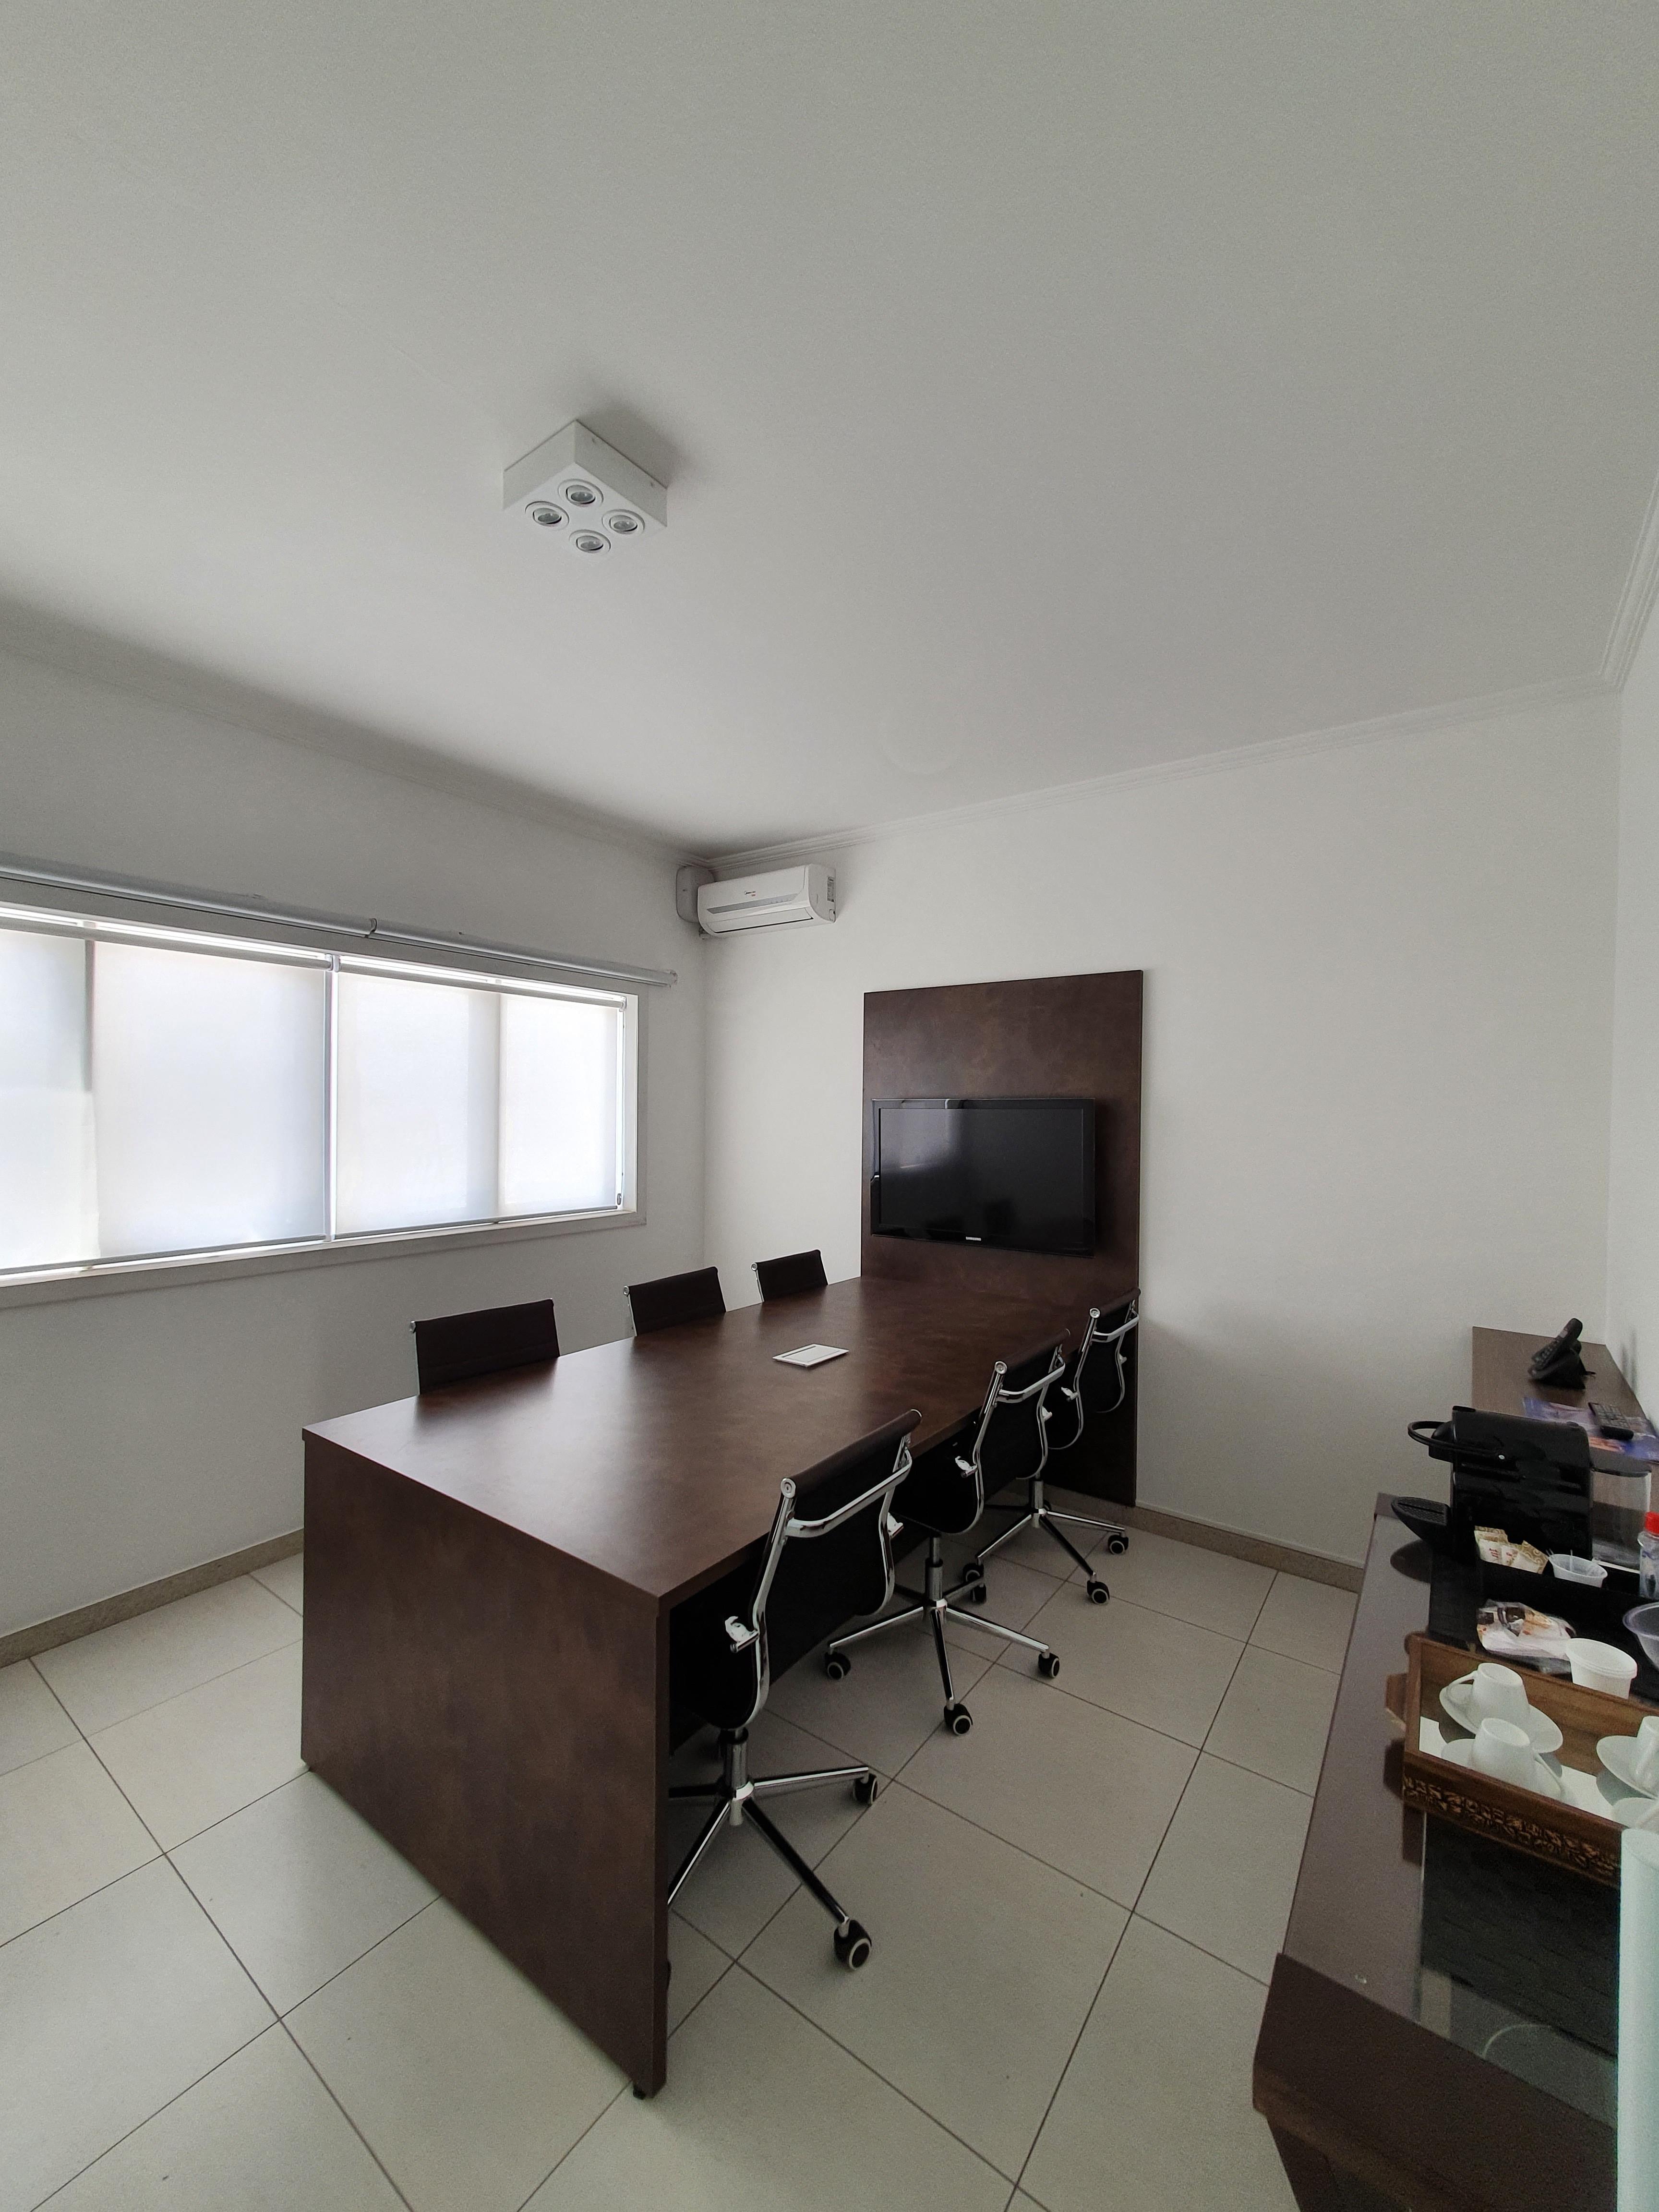 Sala de Reunião para 6 pessoas